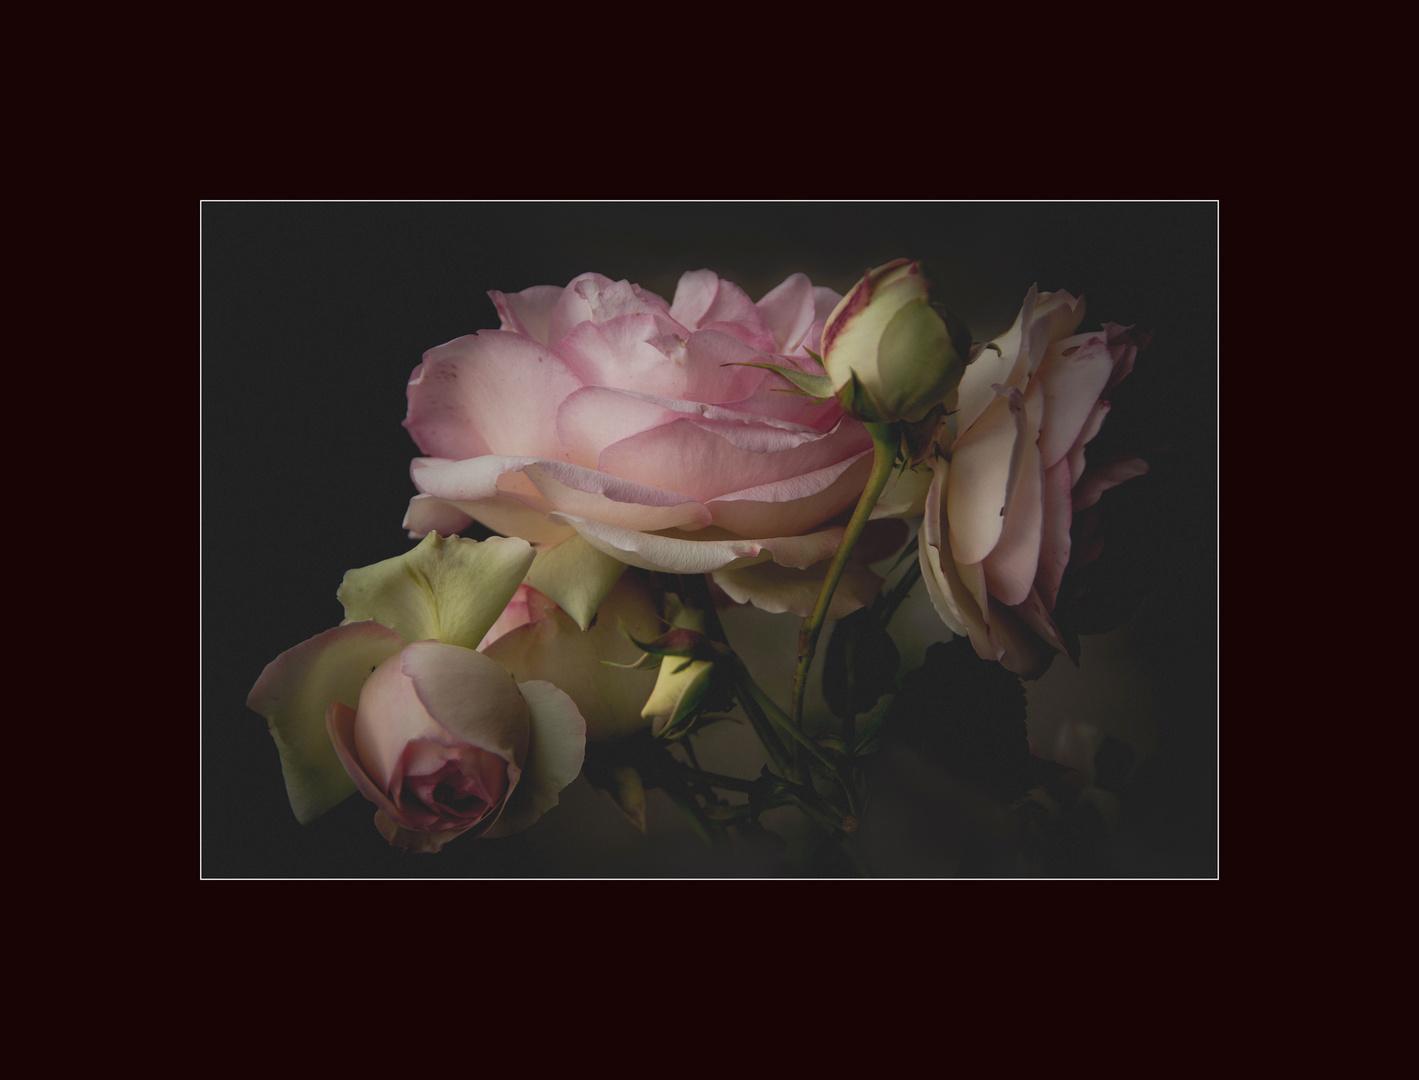 ..rose...rosa...